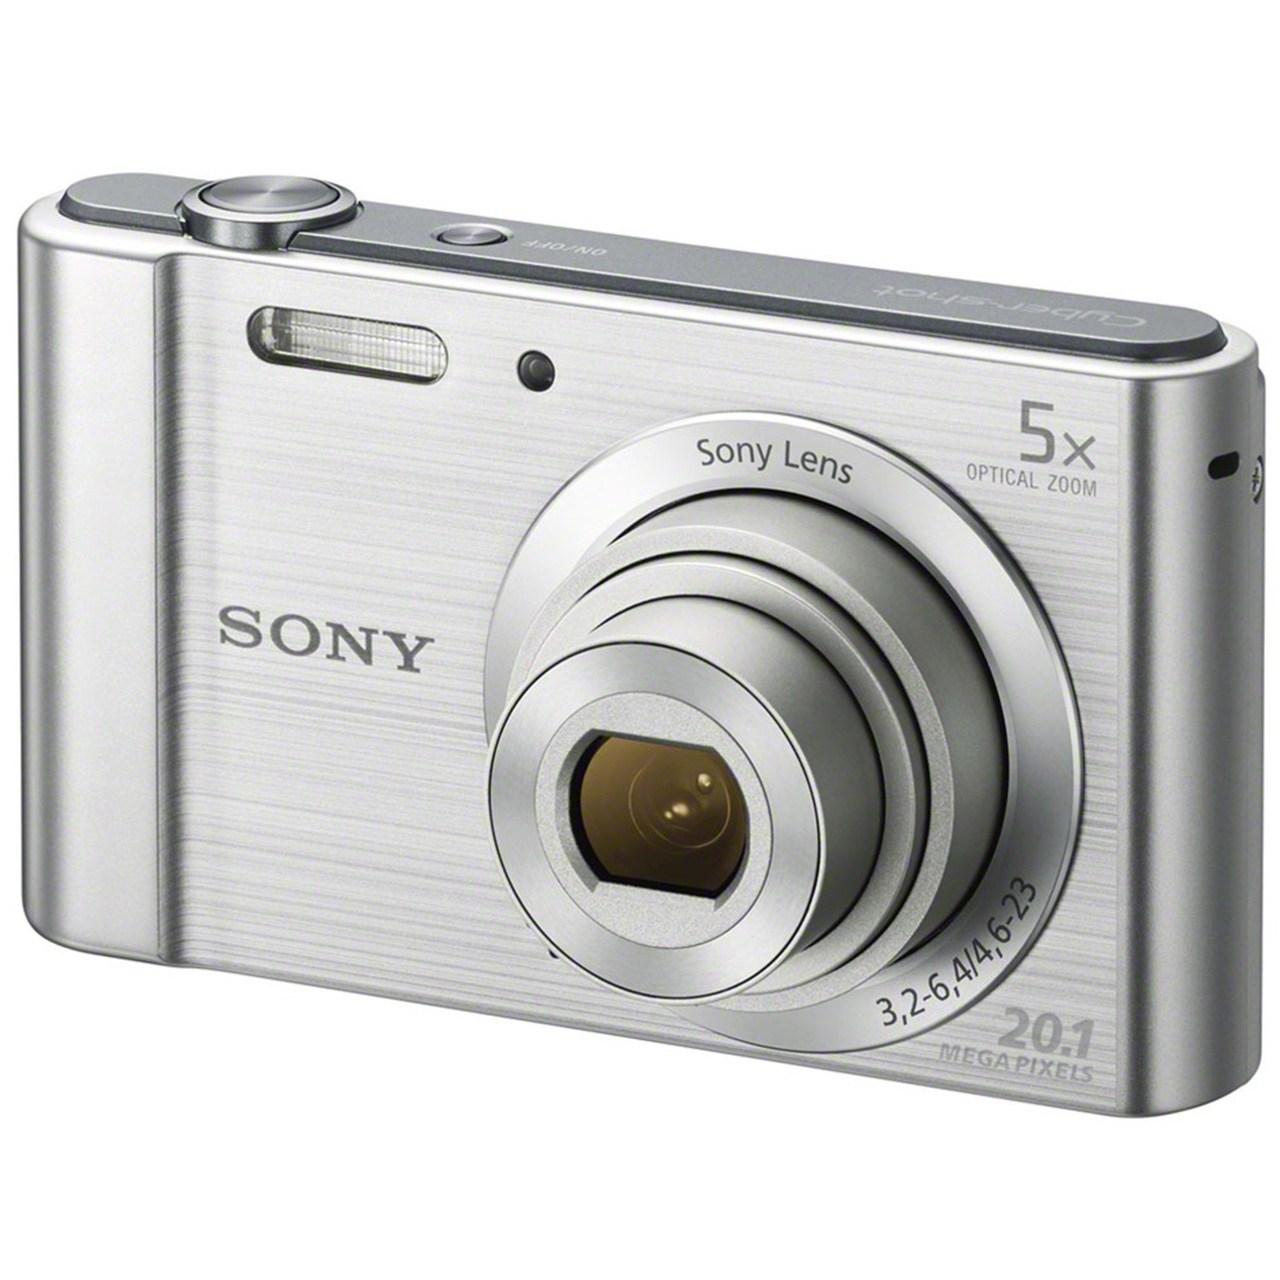 فروش نقدی و اقساطی دوربین دیجیتال سونی مدل Cyber-shot DSC-W800